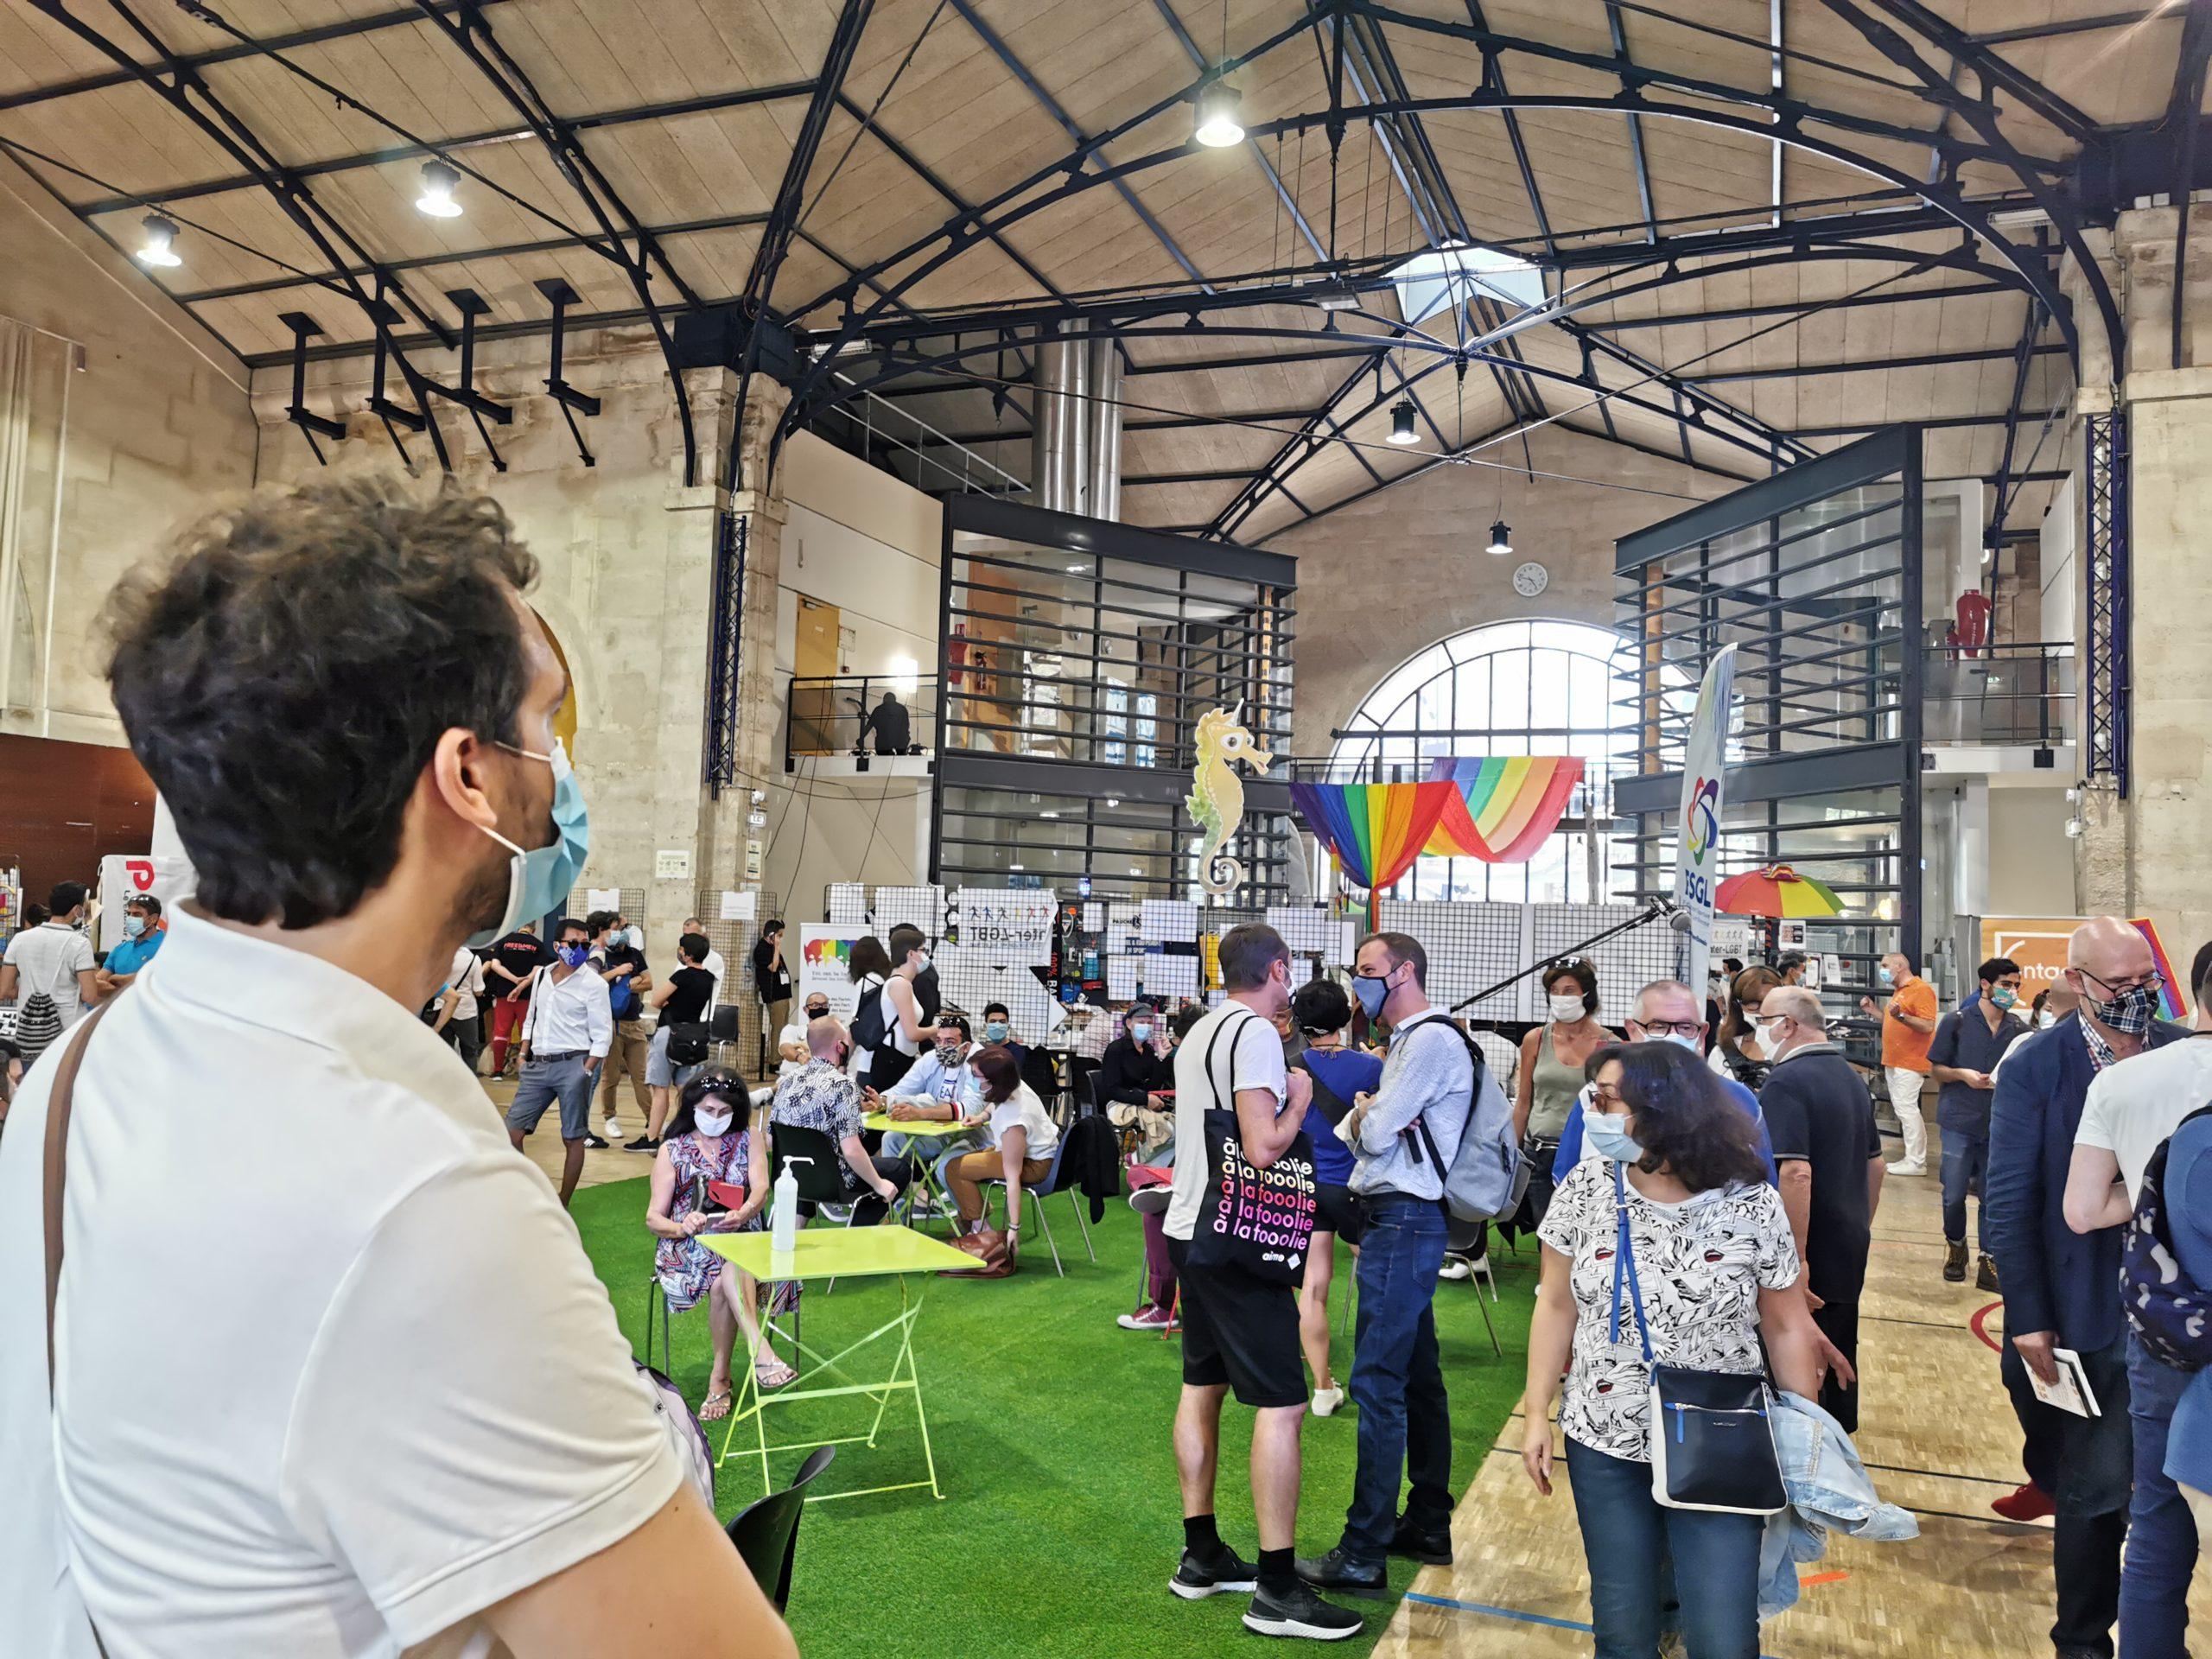 rencontre gay paris 15 à Vigneux-sur-Seine